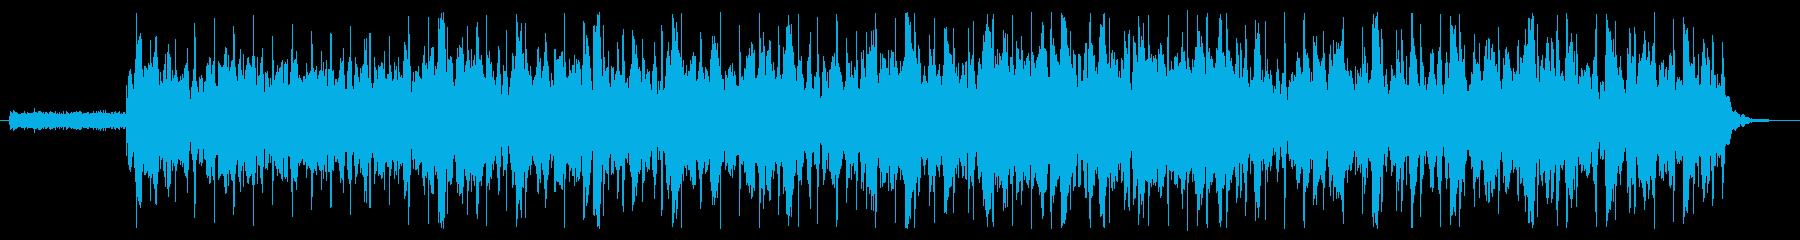 ちょっと切ないピアノの再生済みの波形